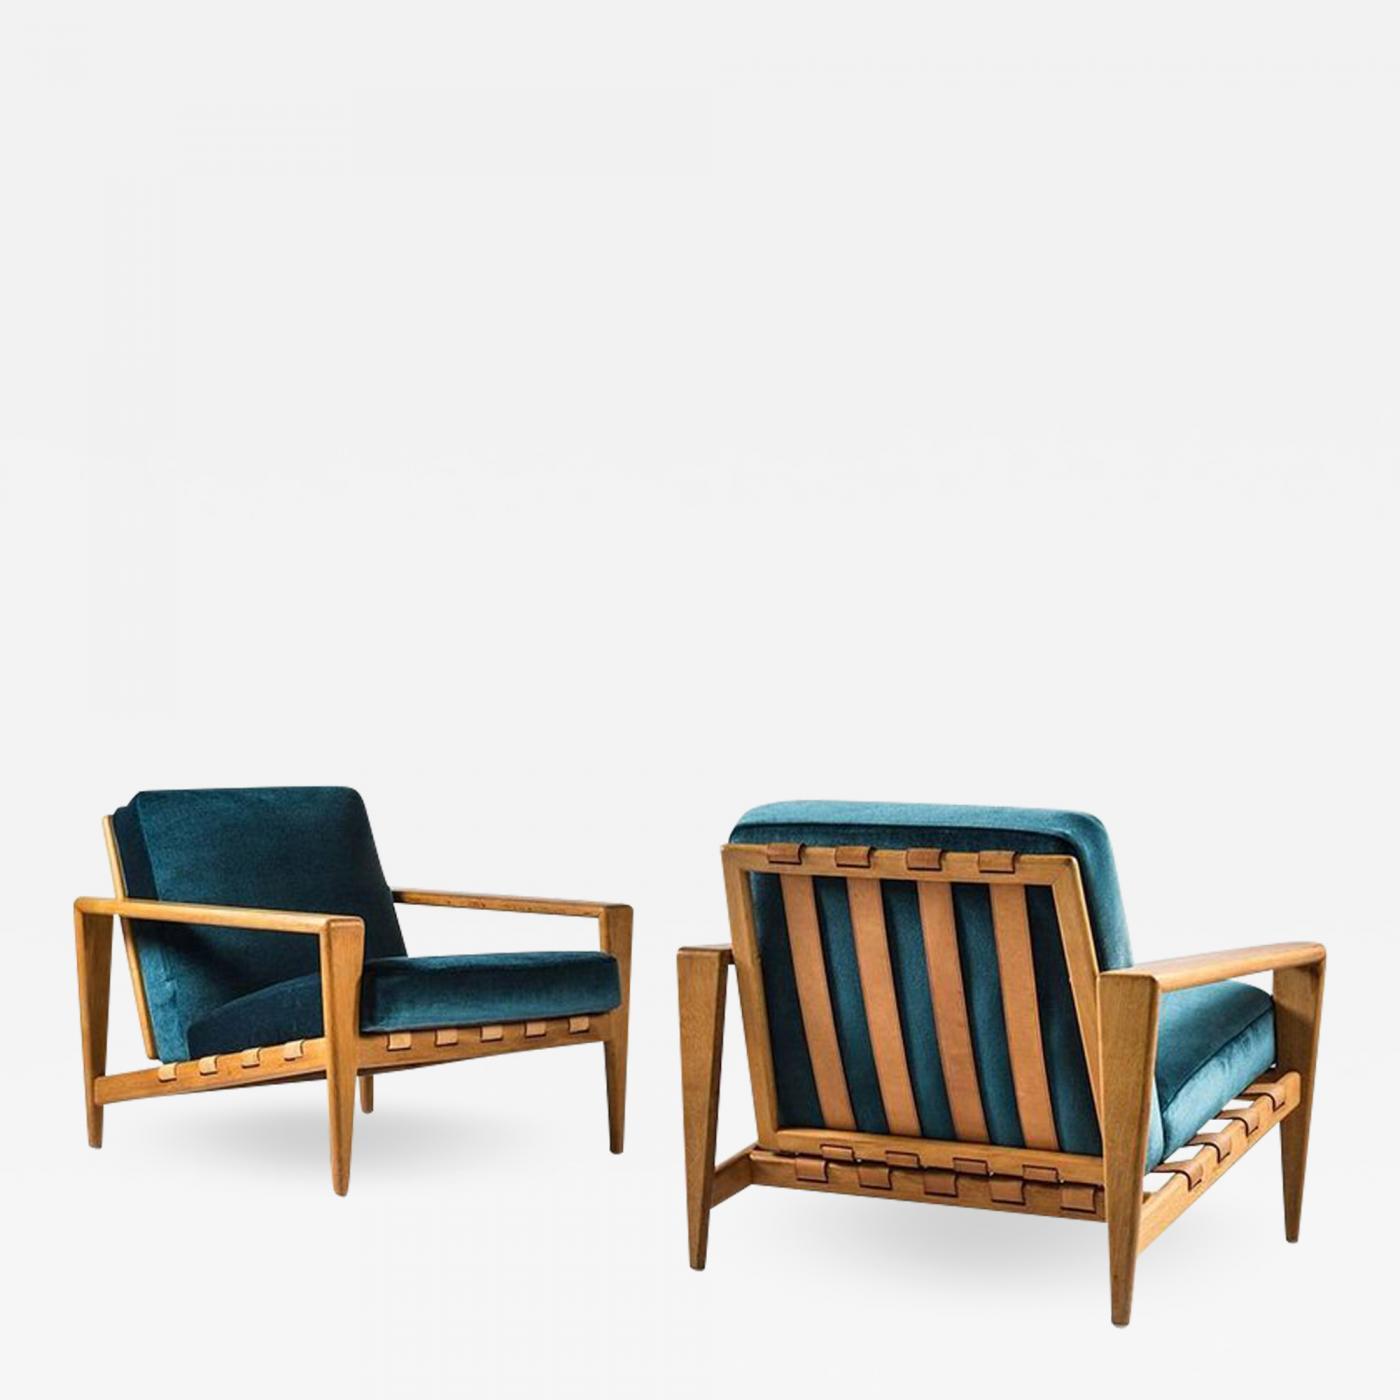 Scandinavian Mid-Century Lounge Chairs  Bodö  by Svante Skogh  sc 1 st  Incollect & Svante Skogh - Scandinavian Mid-Century Lounge Chairs